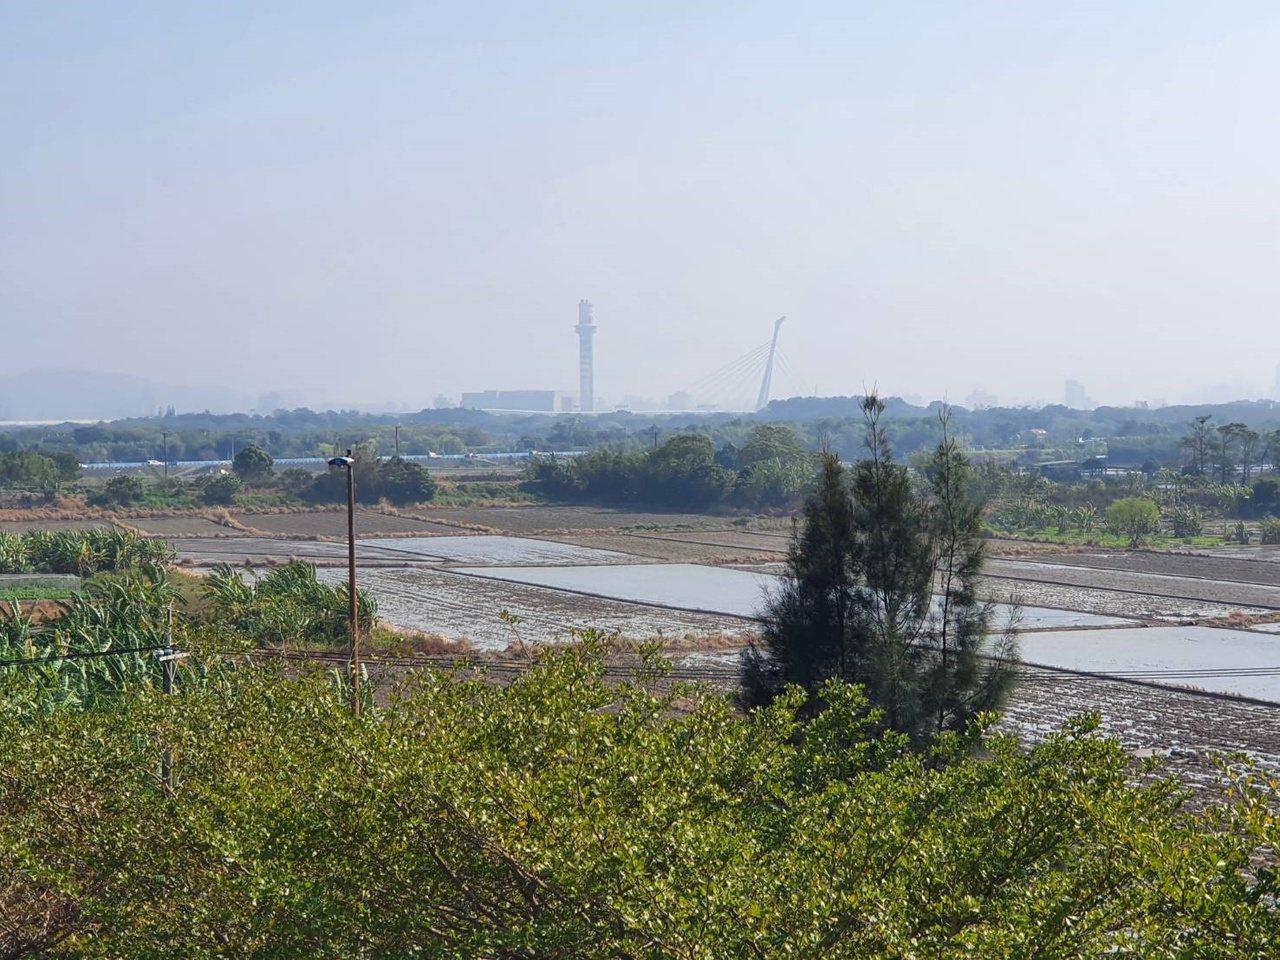 台北捷運北投會館位於捷運復興崗站的北投機廠內,面向關渡平原。 圖/楊正海 攝影